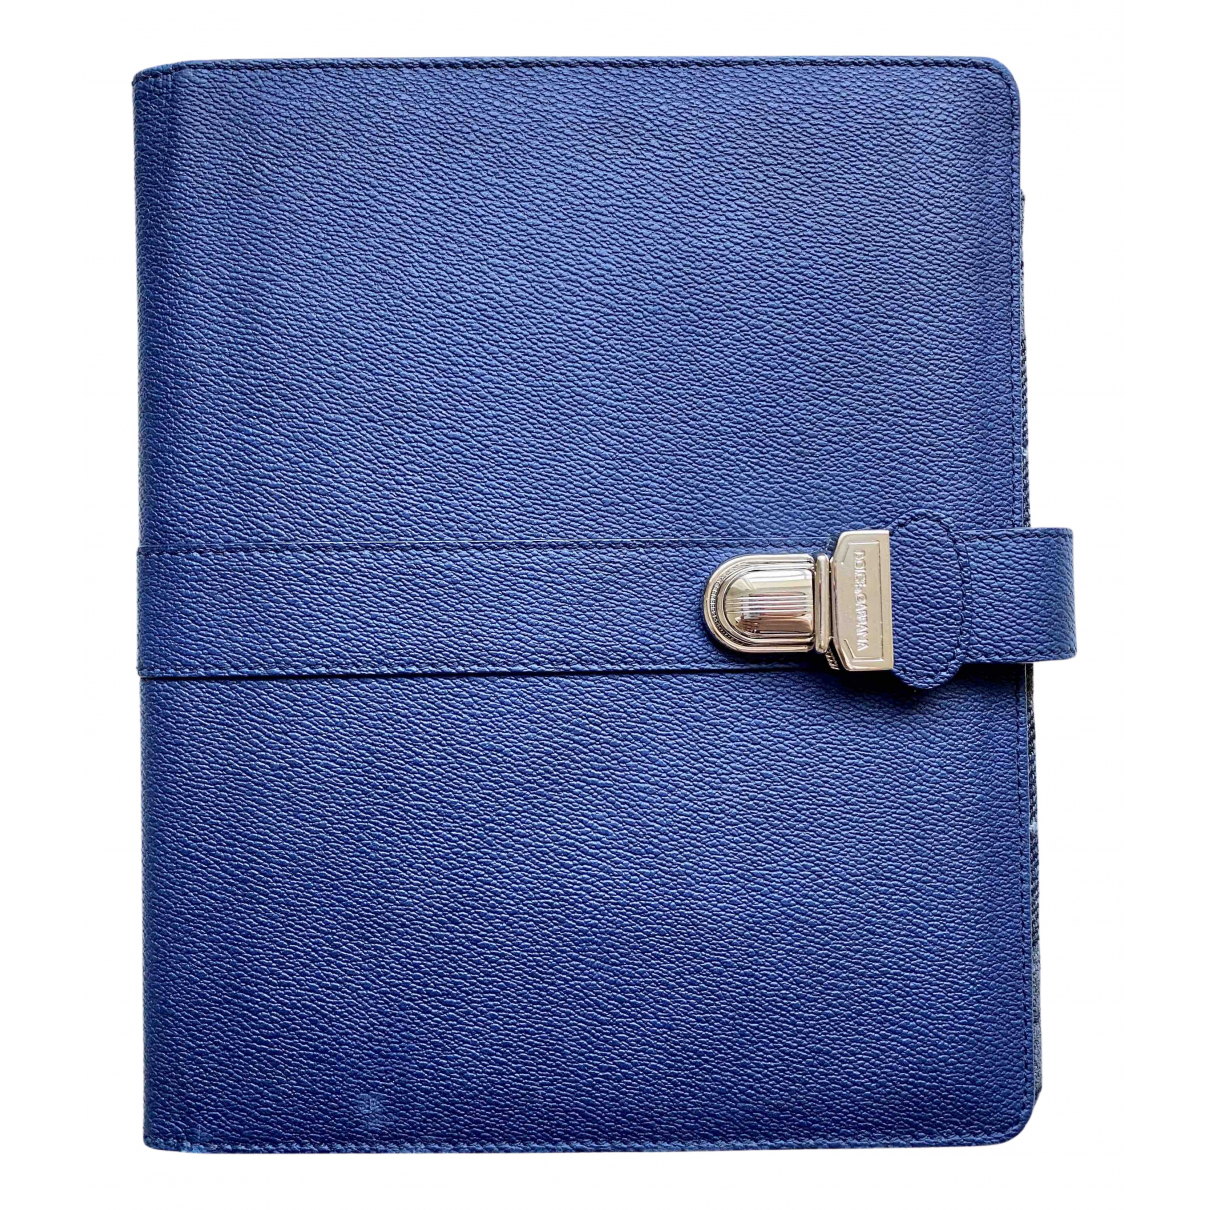 Dolce & Gabbana - Accessoires   pour lifestyle en cuir - marine